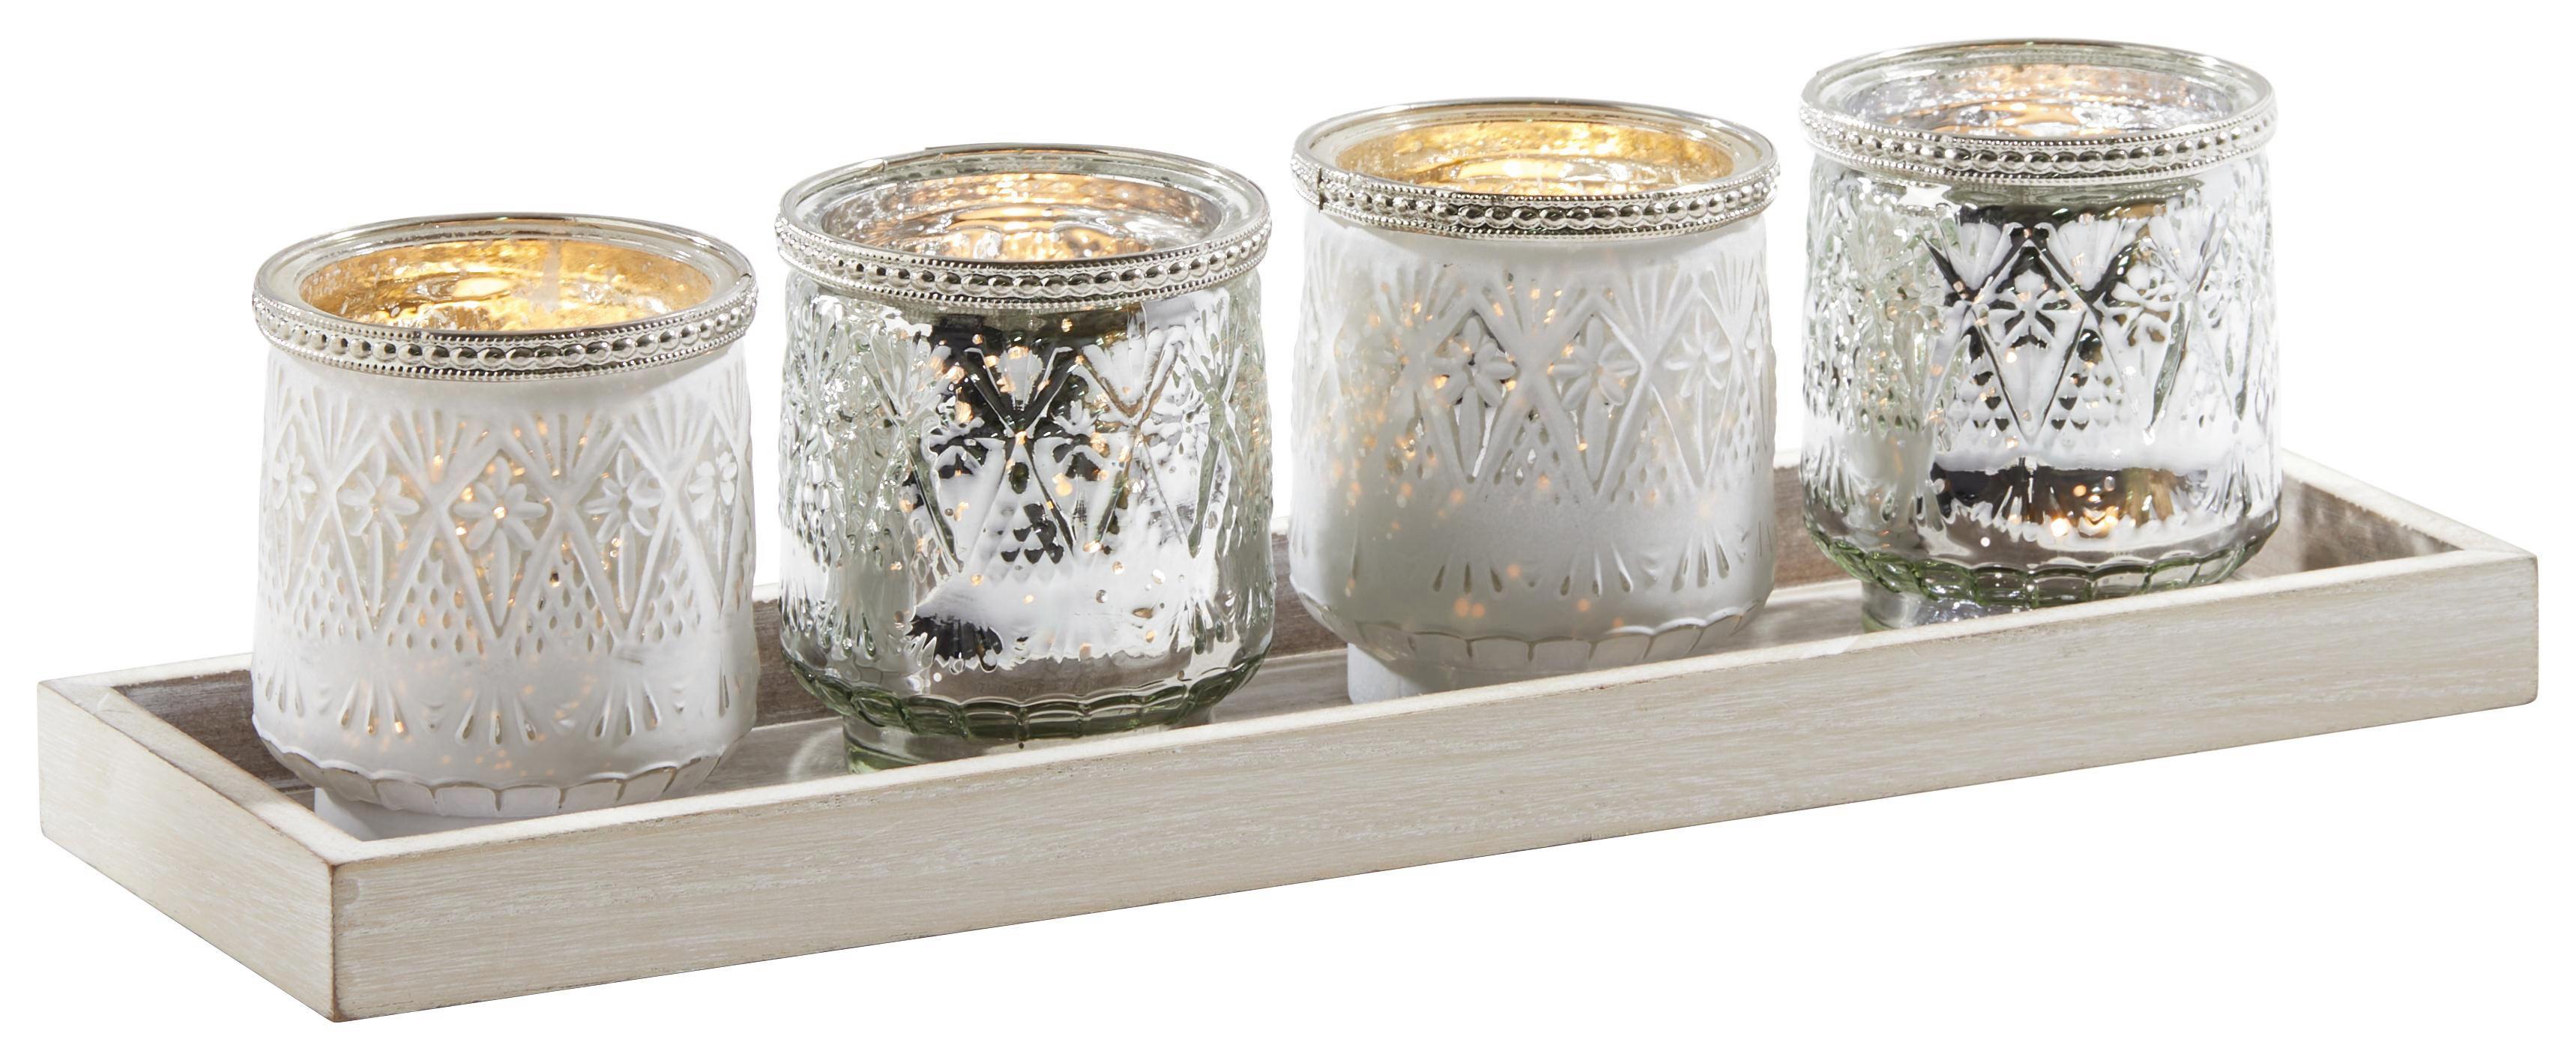 TEELICHTHALTER-SET 5-teilig - Goldfarben/Weiß, Basics, Glas (40/12/10cm) - AMBIA HOME